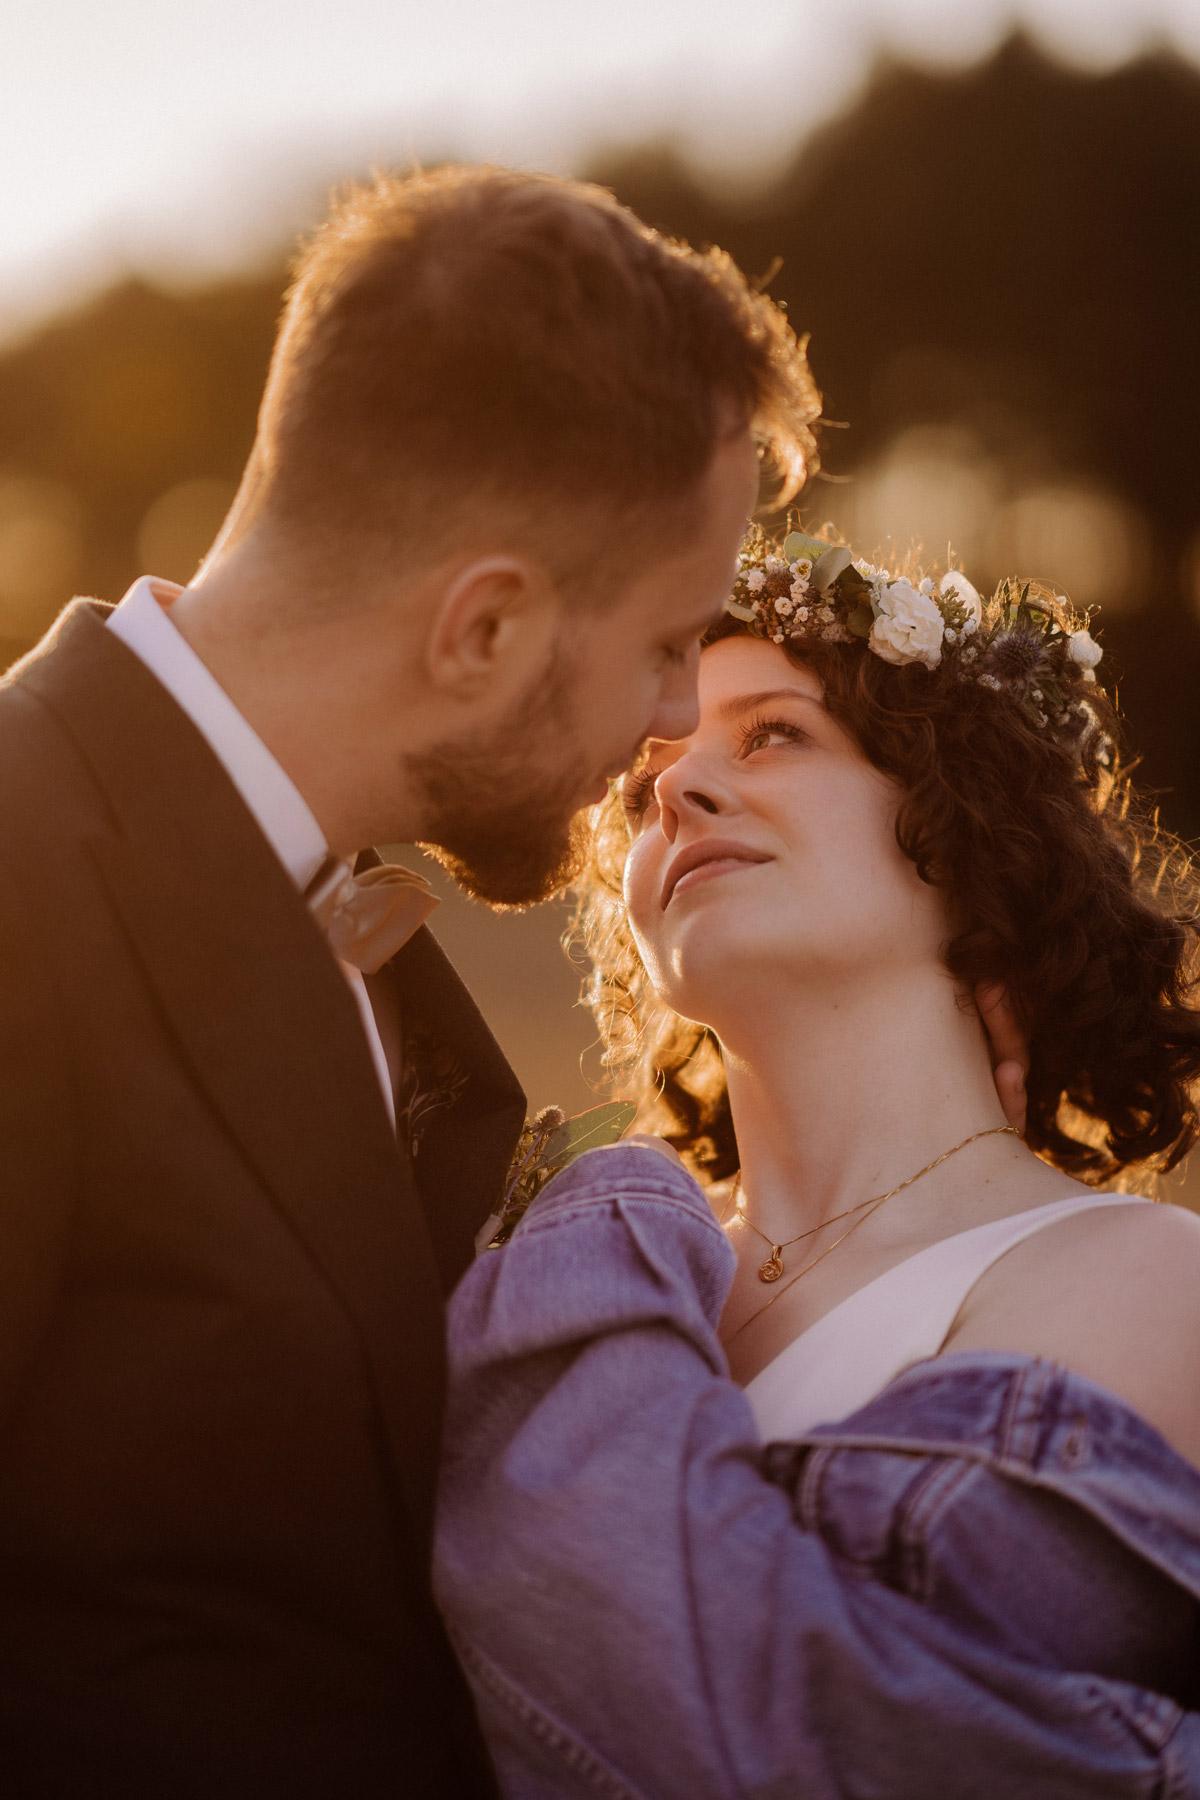 verliebter Blick Braut Brautpaarshooting Ideen Hochzeitsfotos Hochzeitspaar Fotos © www.hochzeitslicht.de #hochzeitslicht #hochzeitsshooting